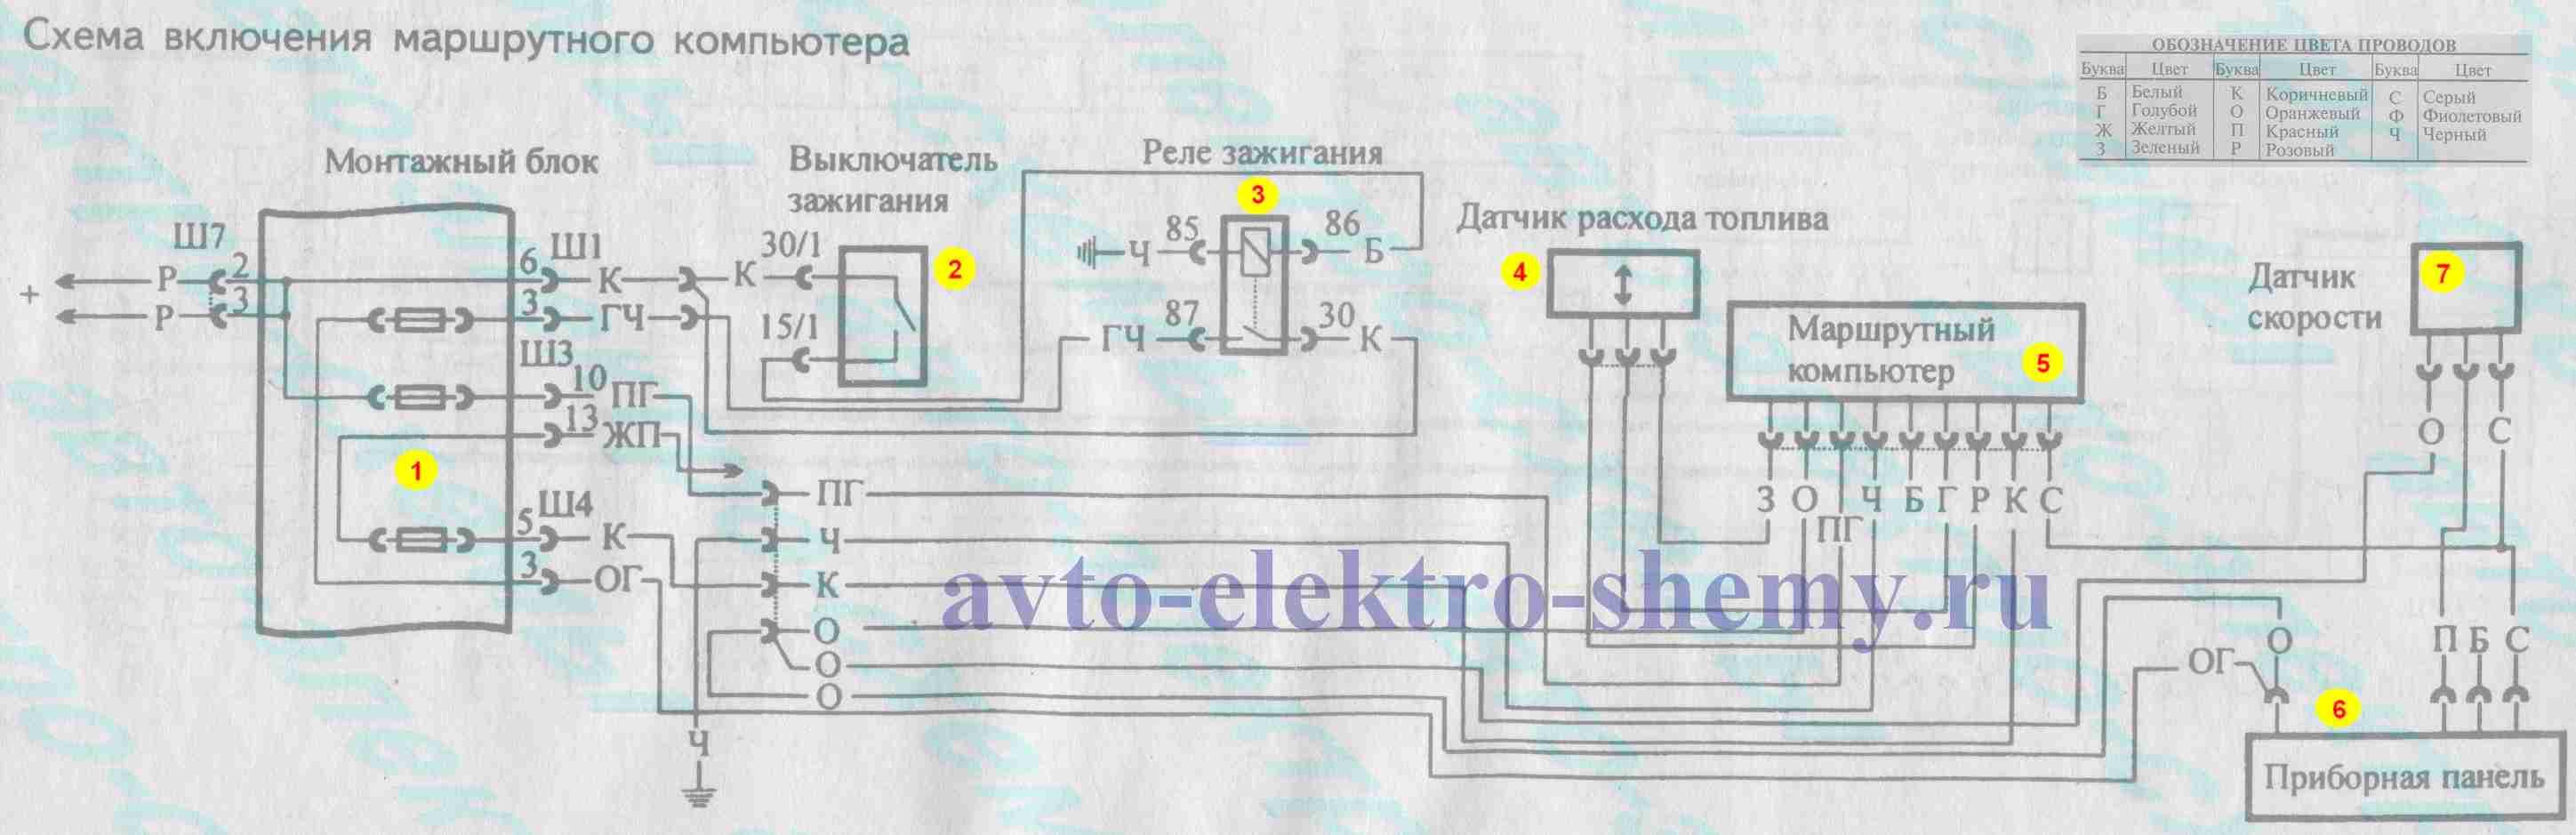 Схема включения маршрутного компьютера на ВАЗ-21099.